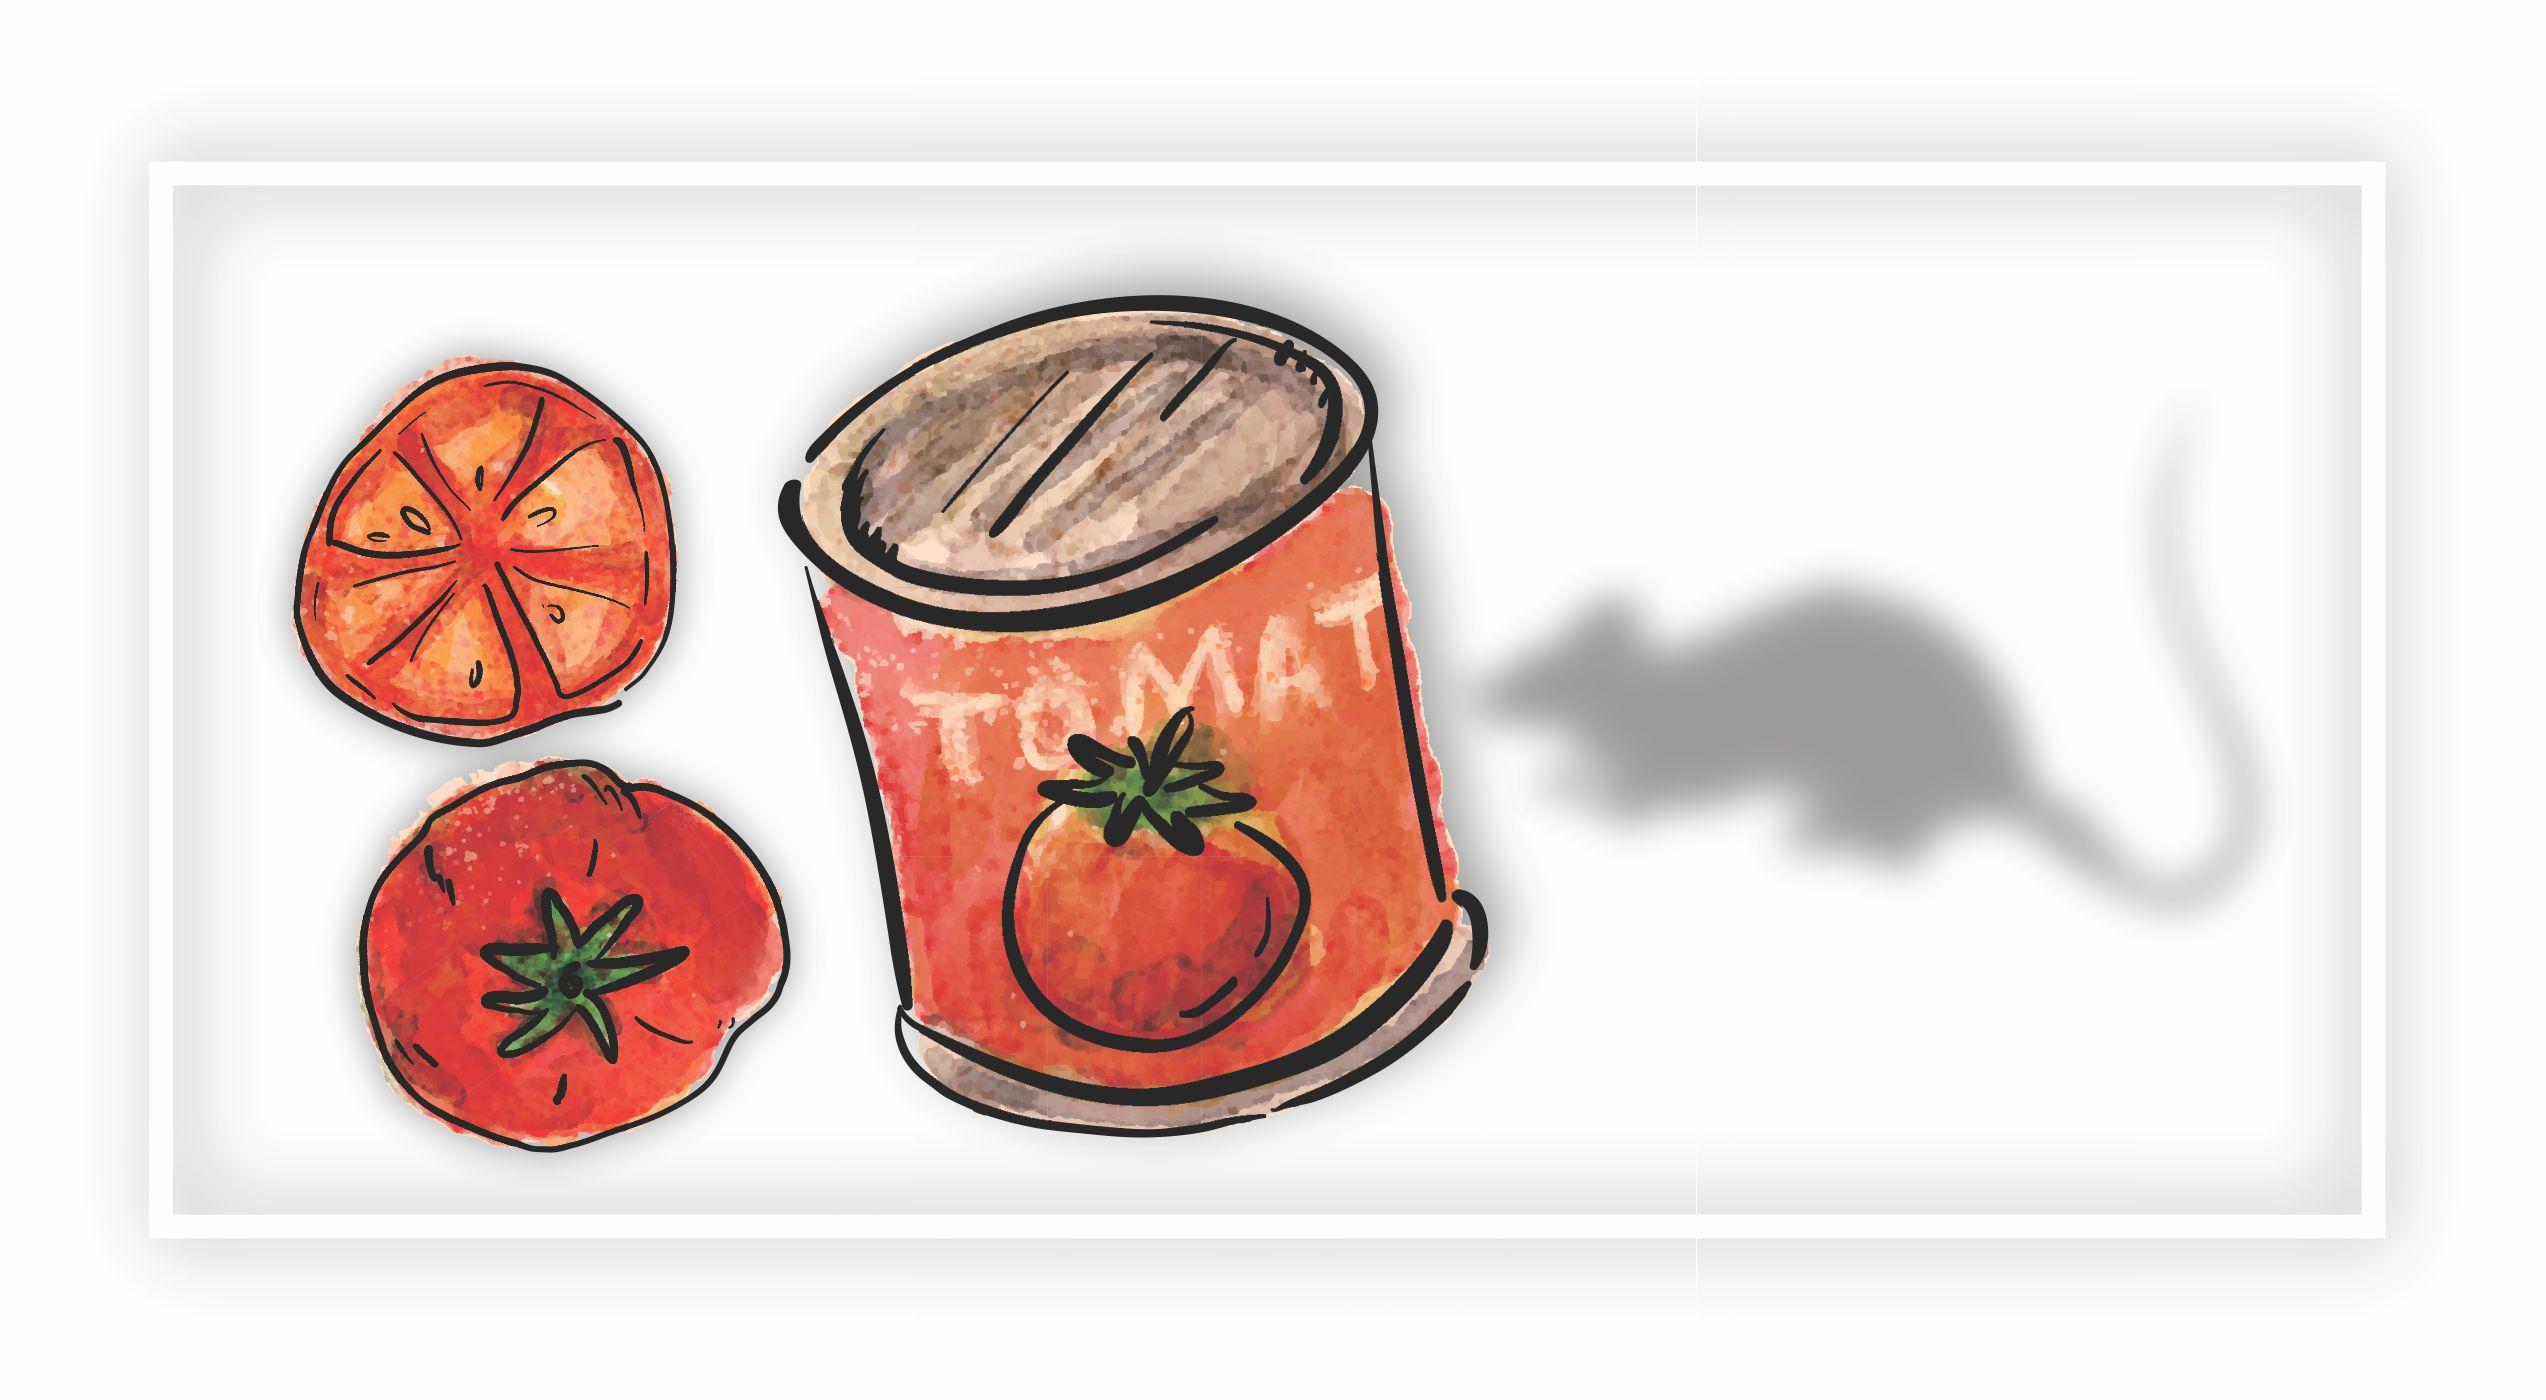 molho de tomate x ratos